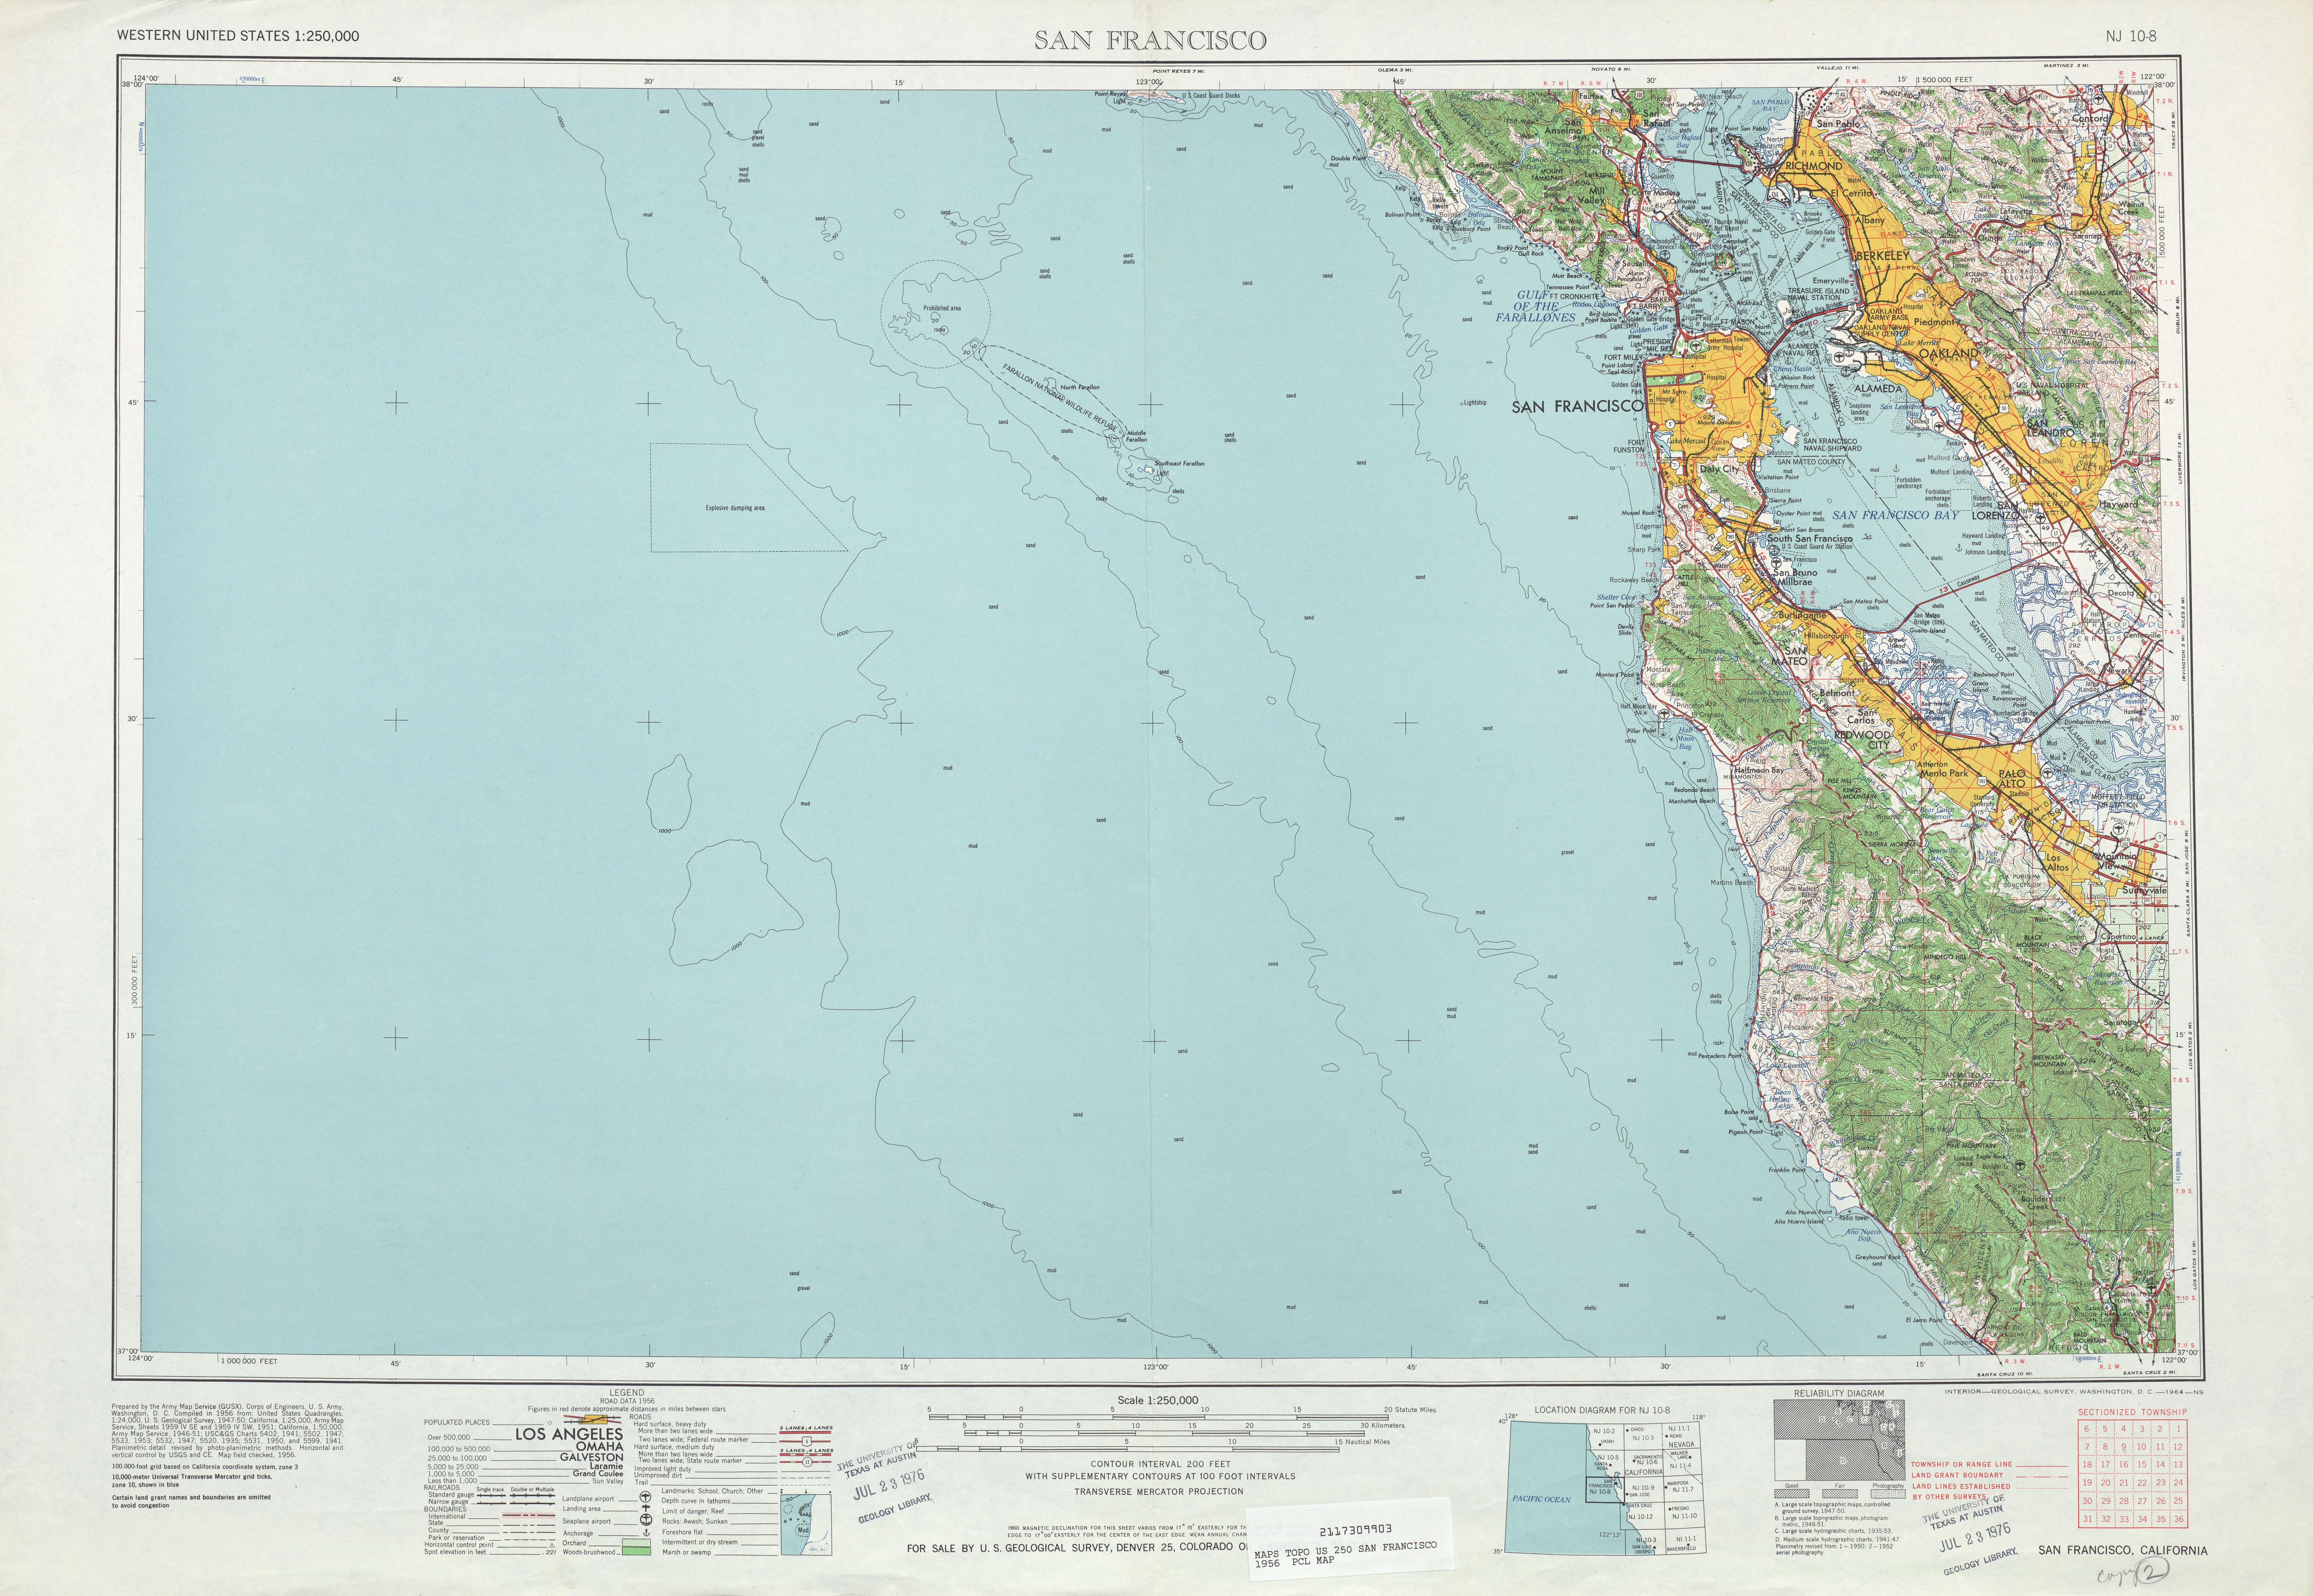 Hoja San Francisco del Mapa Topográfico de los Estados Unidos 1956